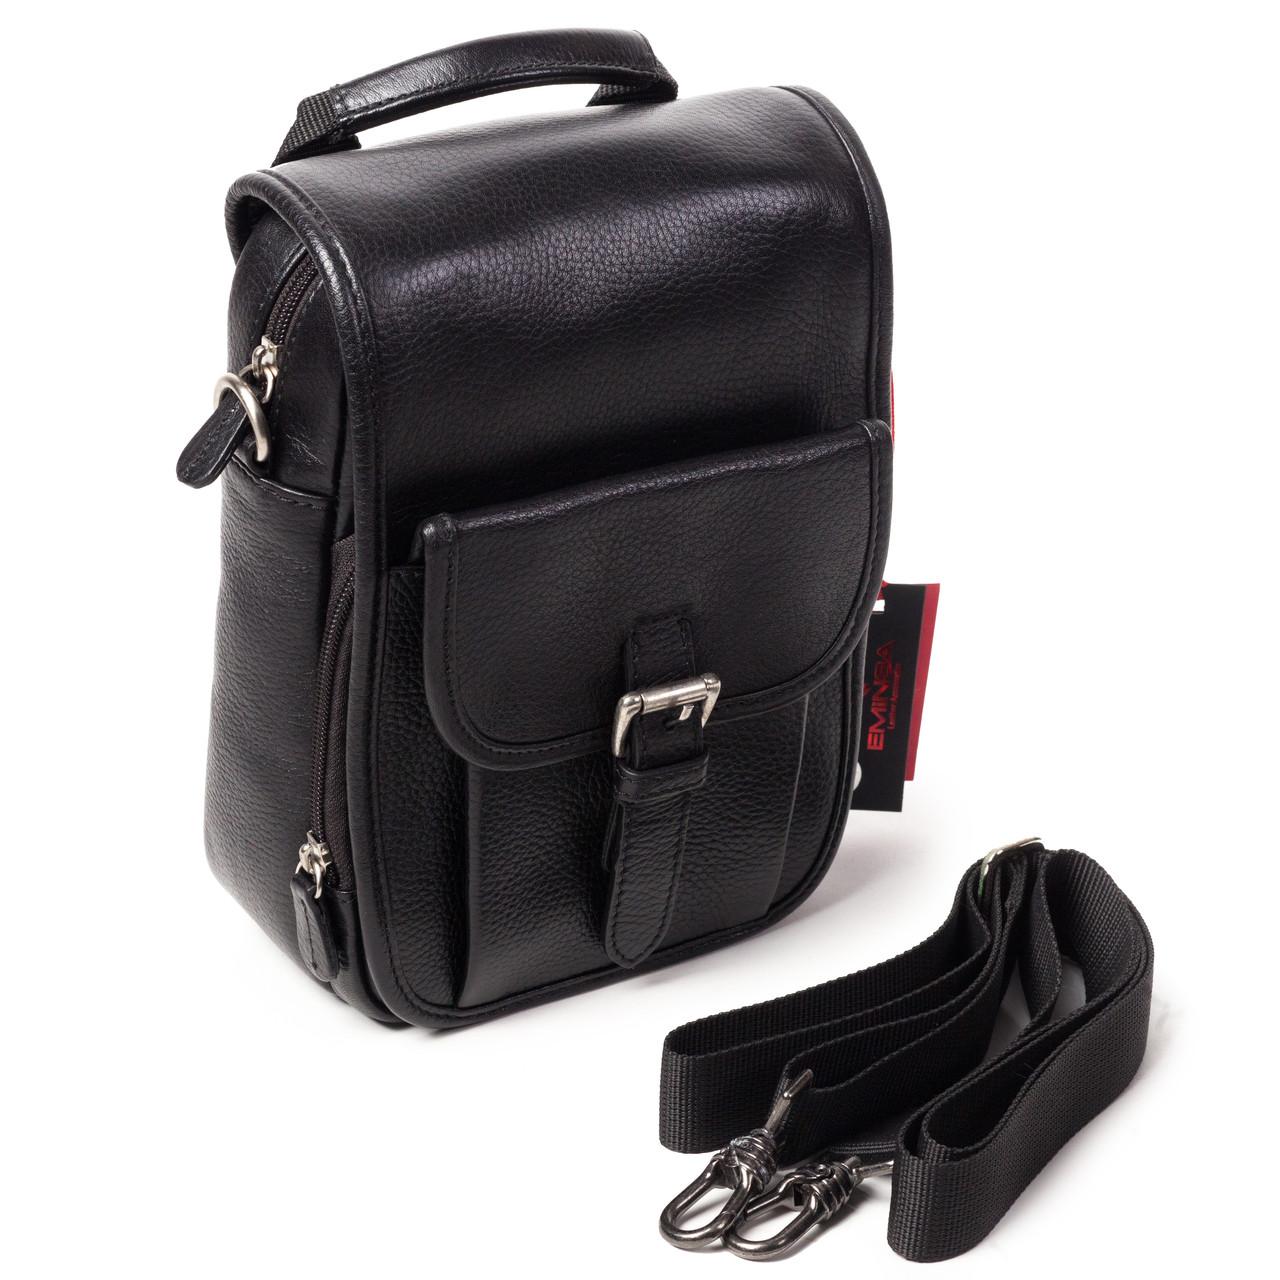 e7db89f4876b Мужская сумка Eminsa 6059-12-1 кожаная черная - FainaModa магазин кожаных  изделий в